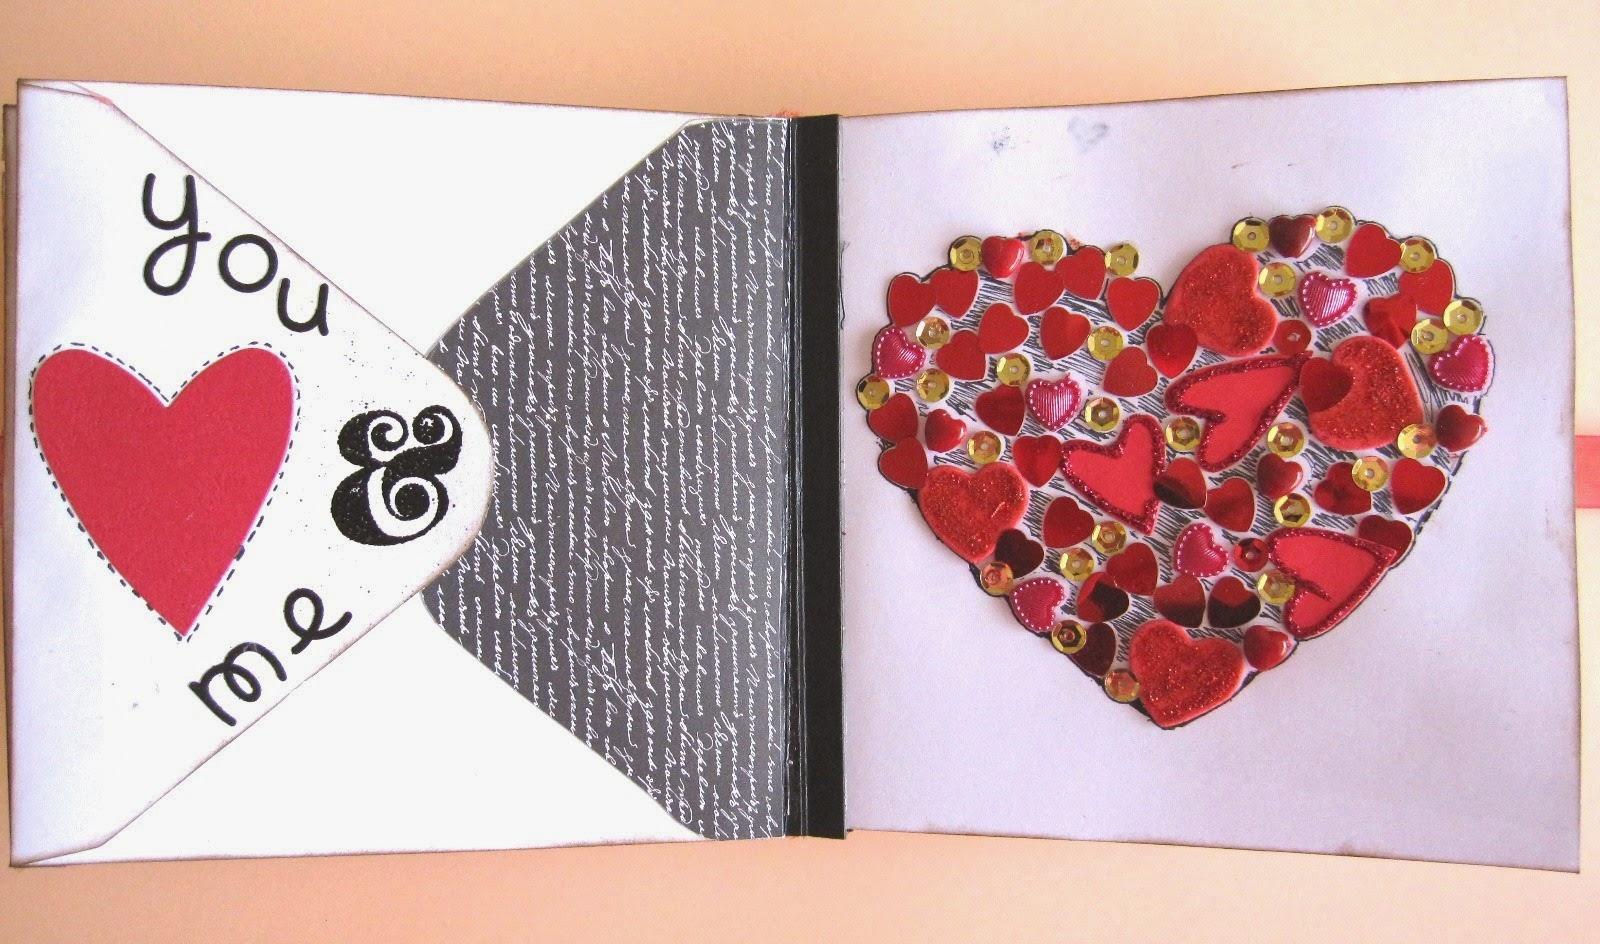 El caj n desastre de isa decoraci n interior del love mini lbum 1 parte - Decorar album de fotos por dentro ...